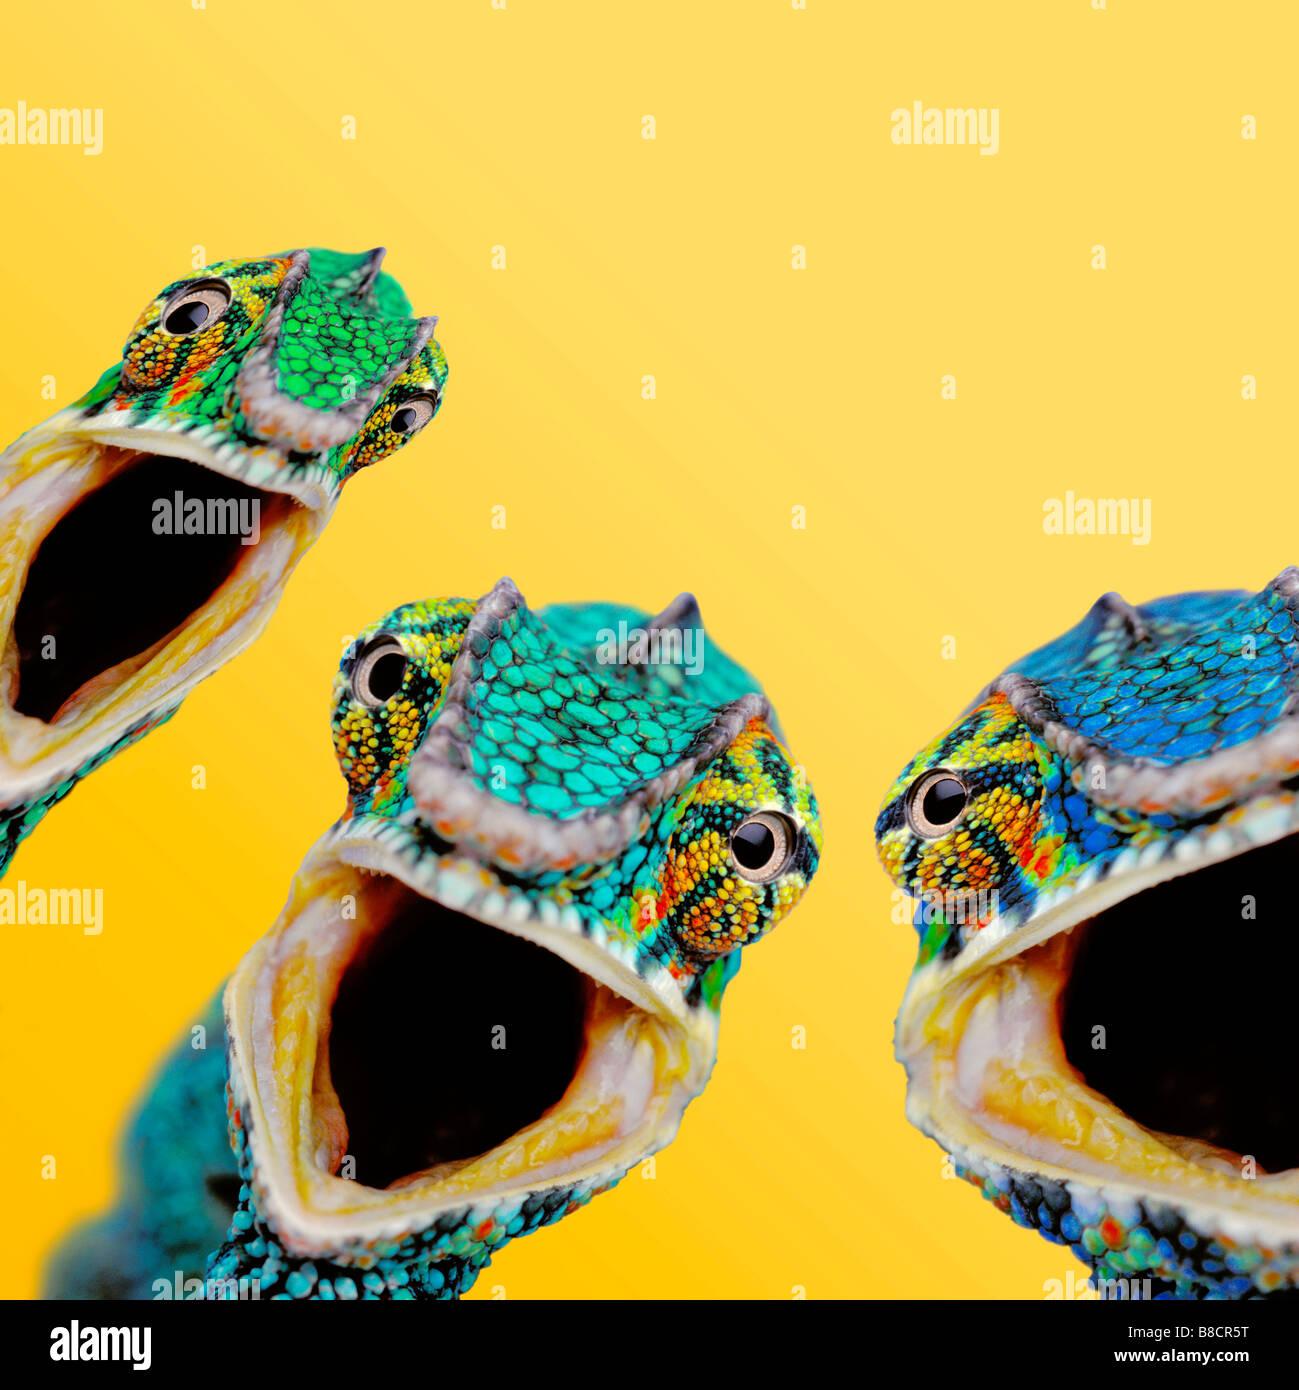 FL6516, Kitchin/Hurst; Drei überrascht Chamäleons, gelber Hintergrund Stockbild